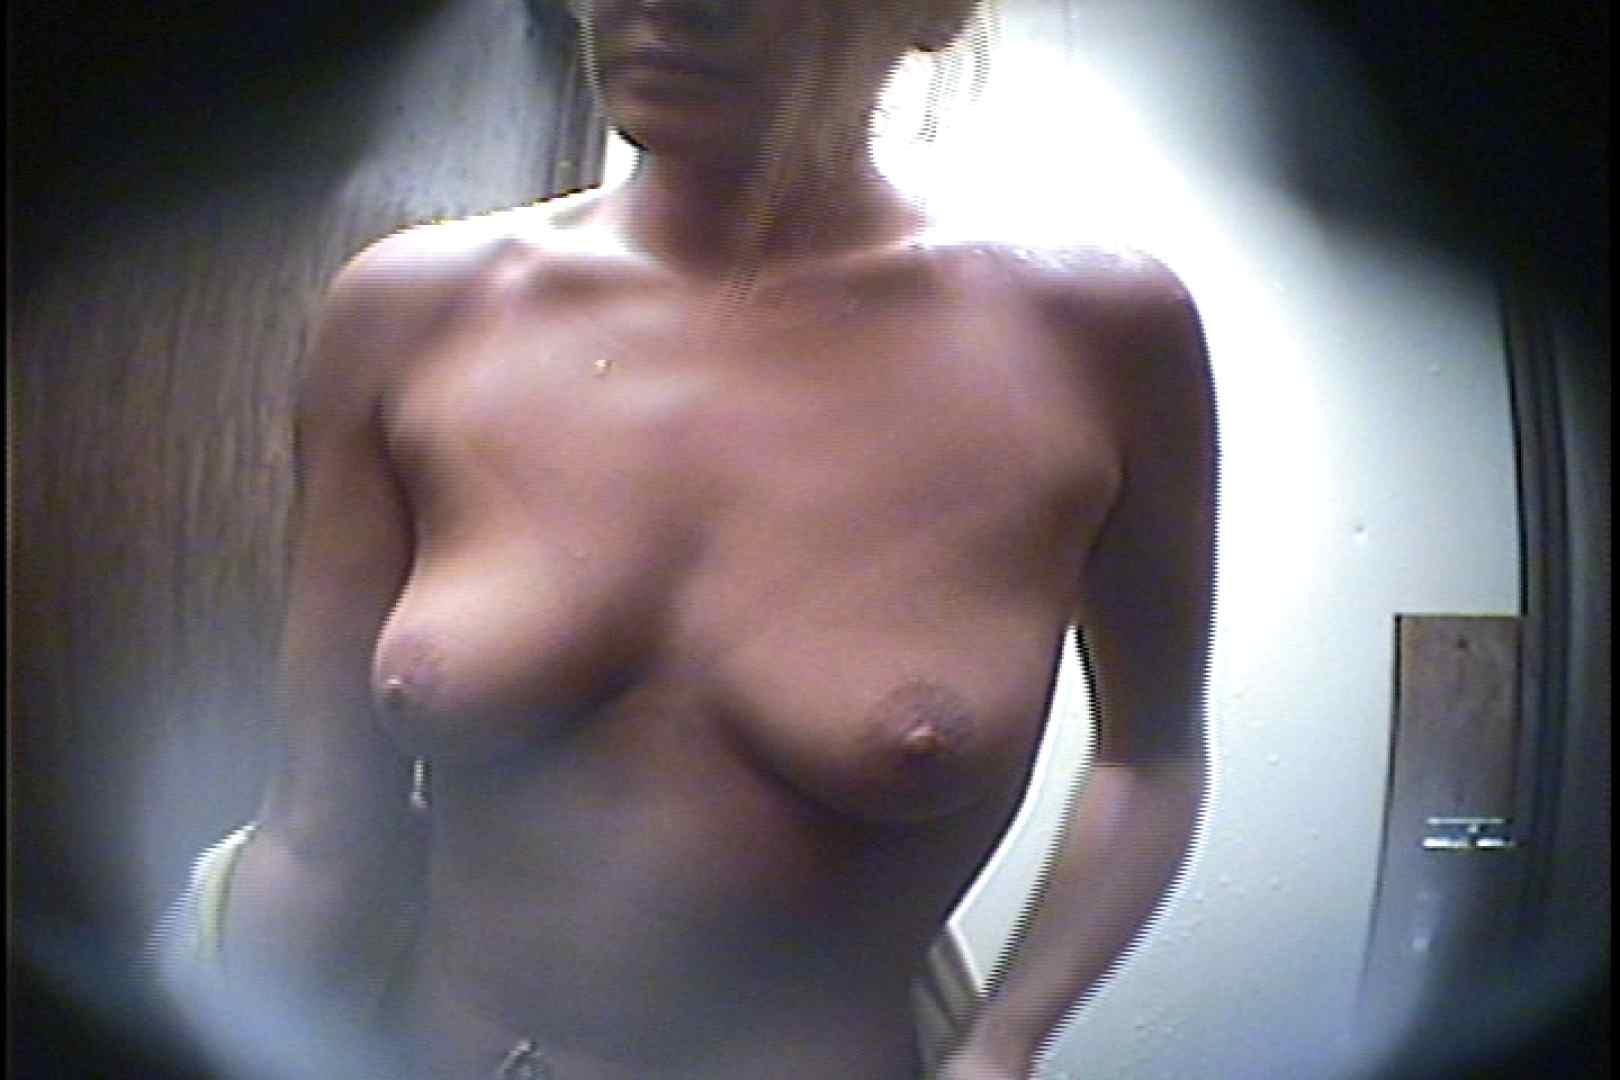 海の家の更衣室 Vol.39 シャワー 盗撮セックス無修正動画無料 64pic 38